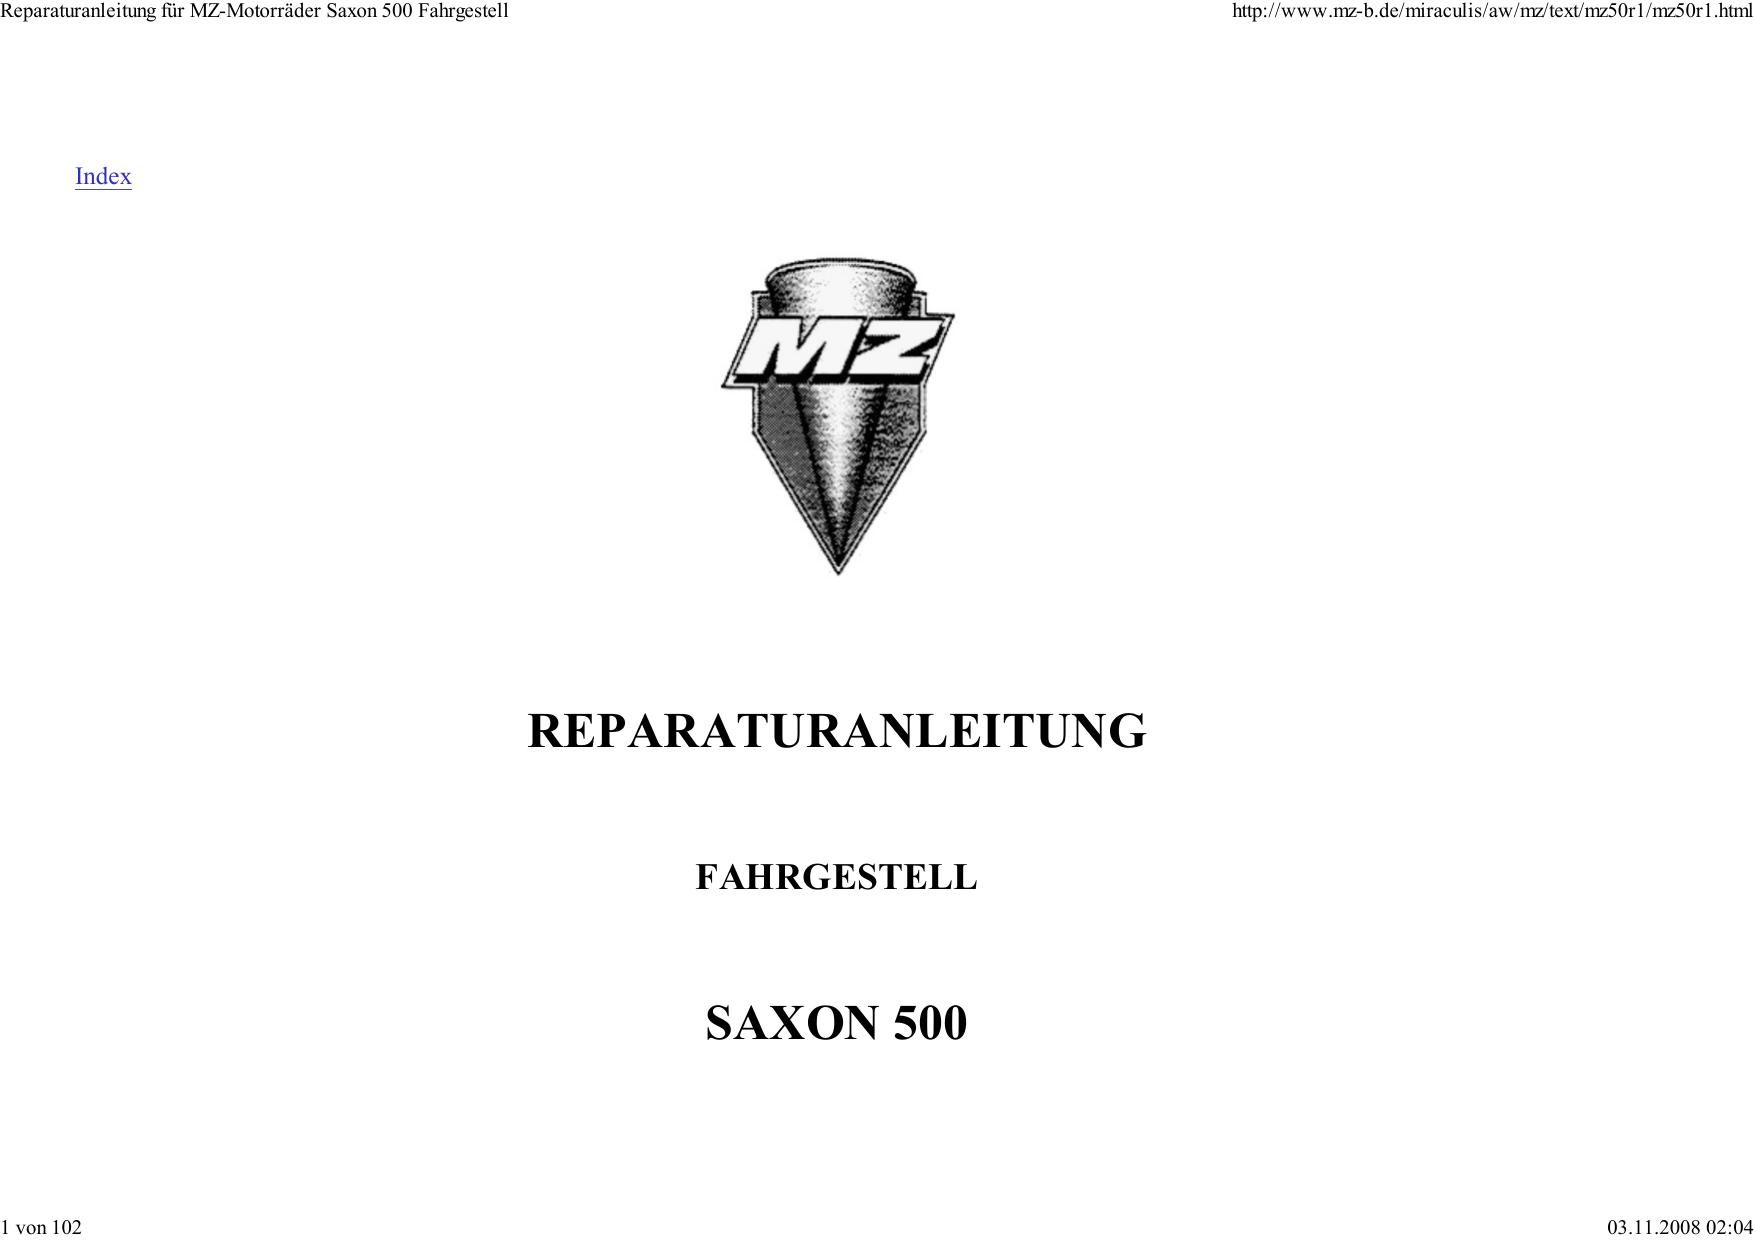 REPARATURANLEITUNG SAXON 500 | manualzz.com